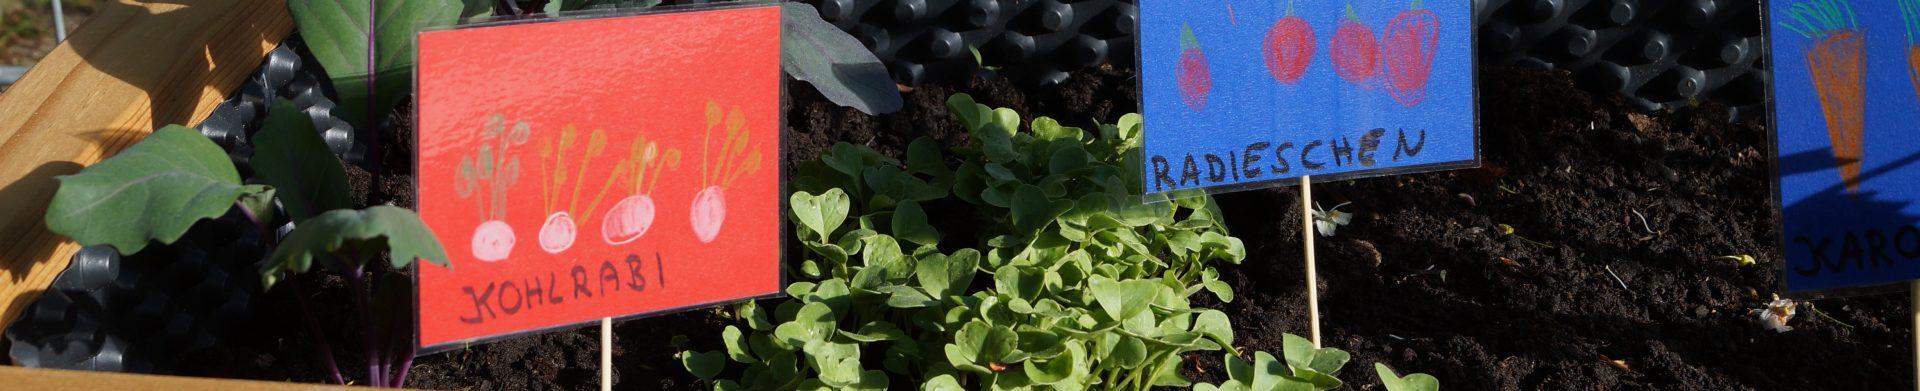 netzwerk natur, Übergabe der PflanzenWelten-Hochbeete in Seelbach